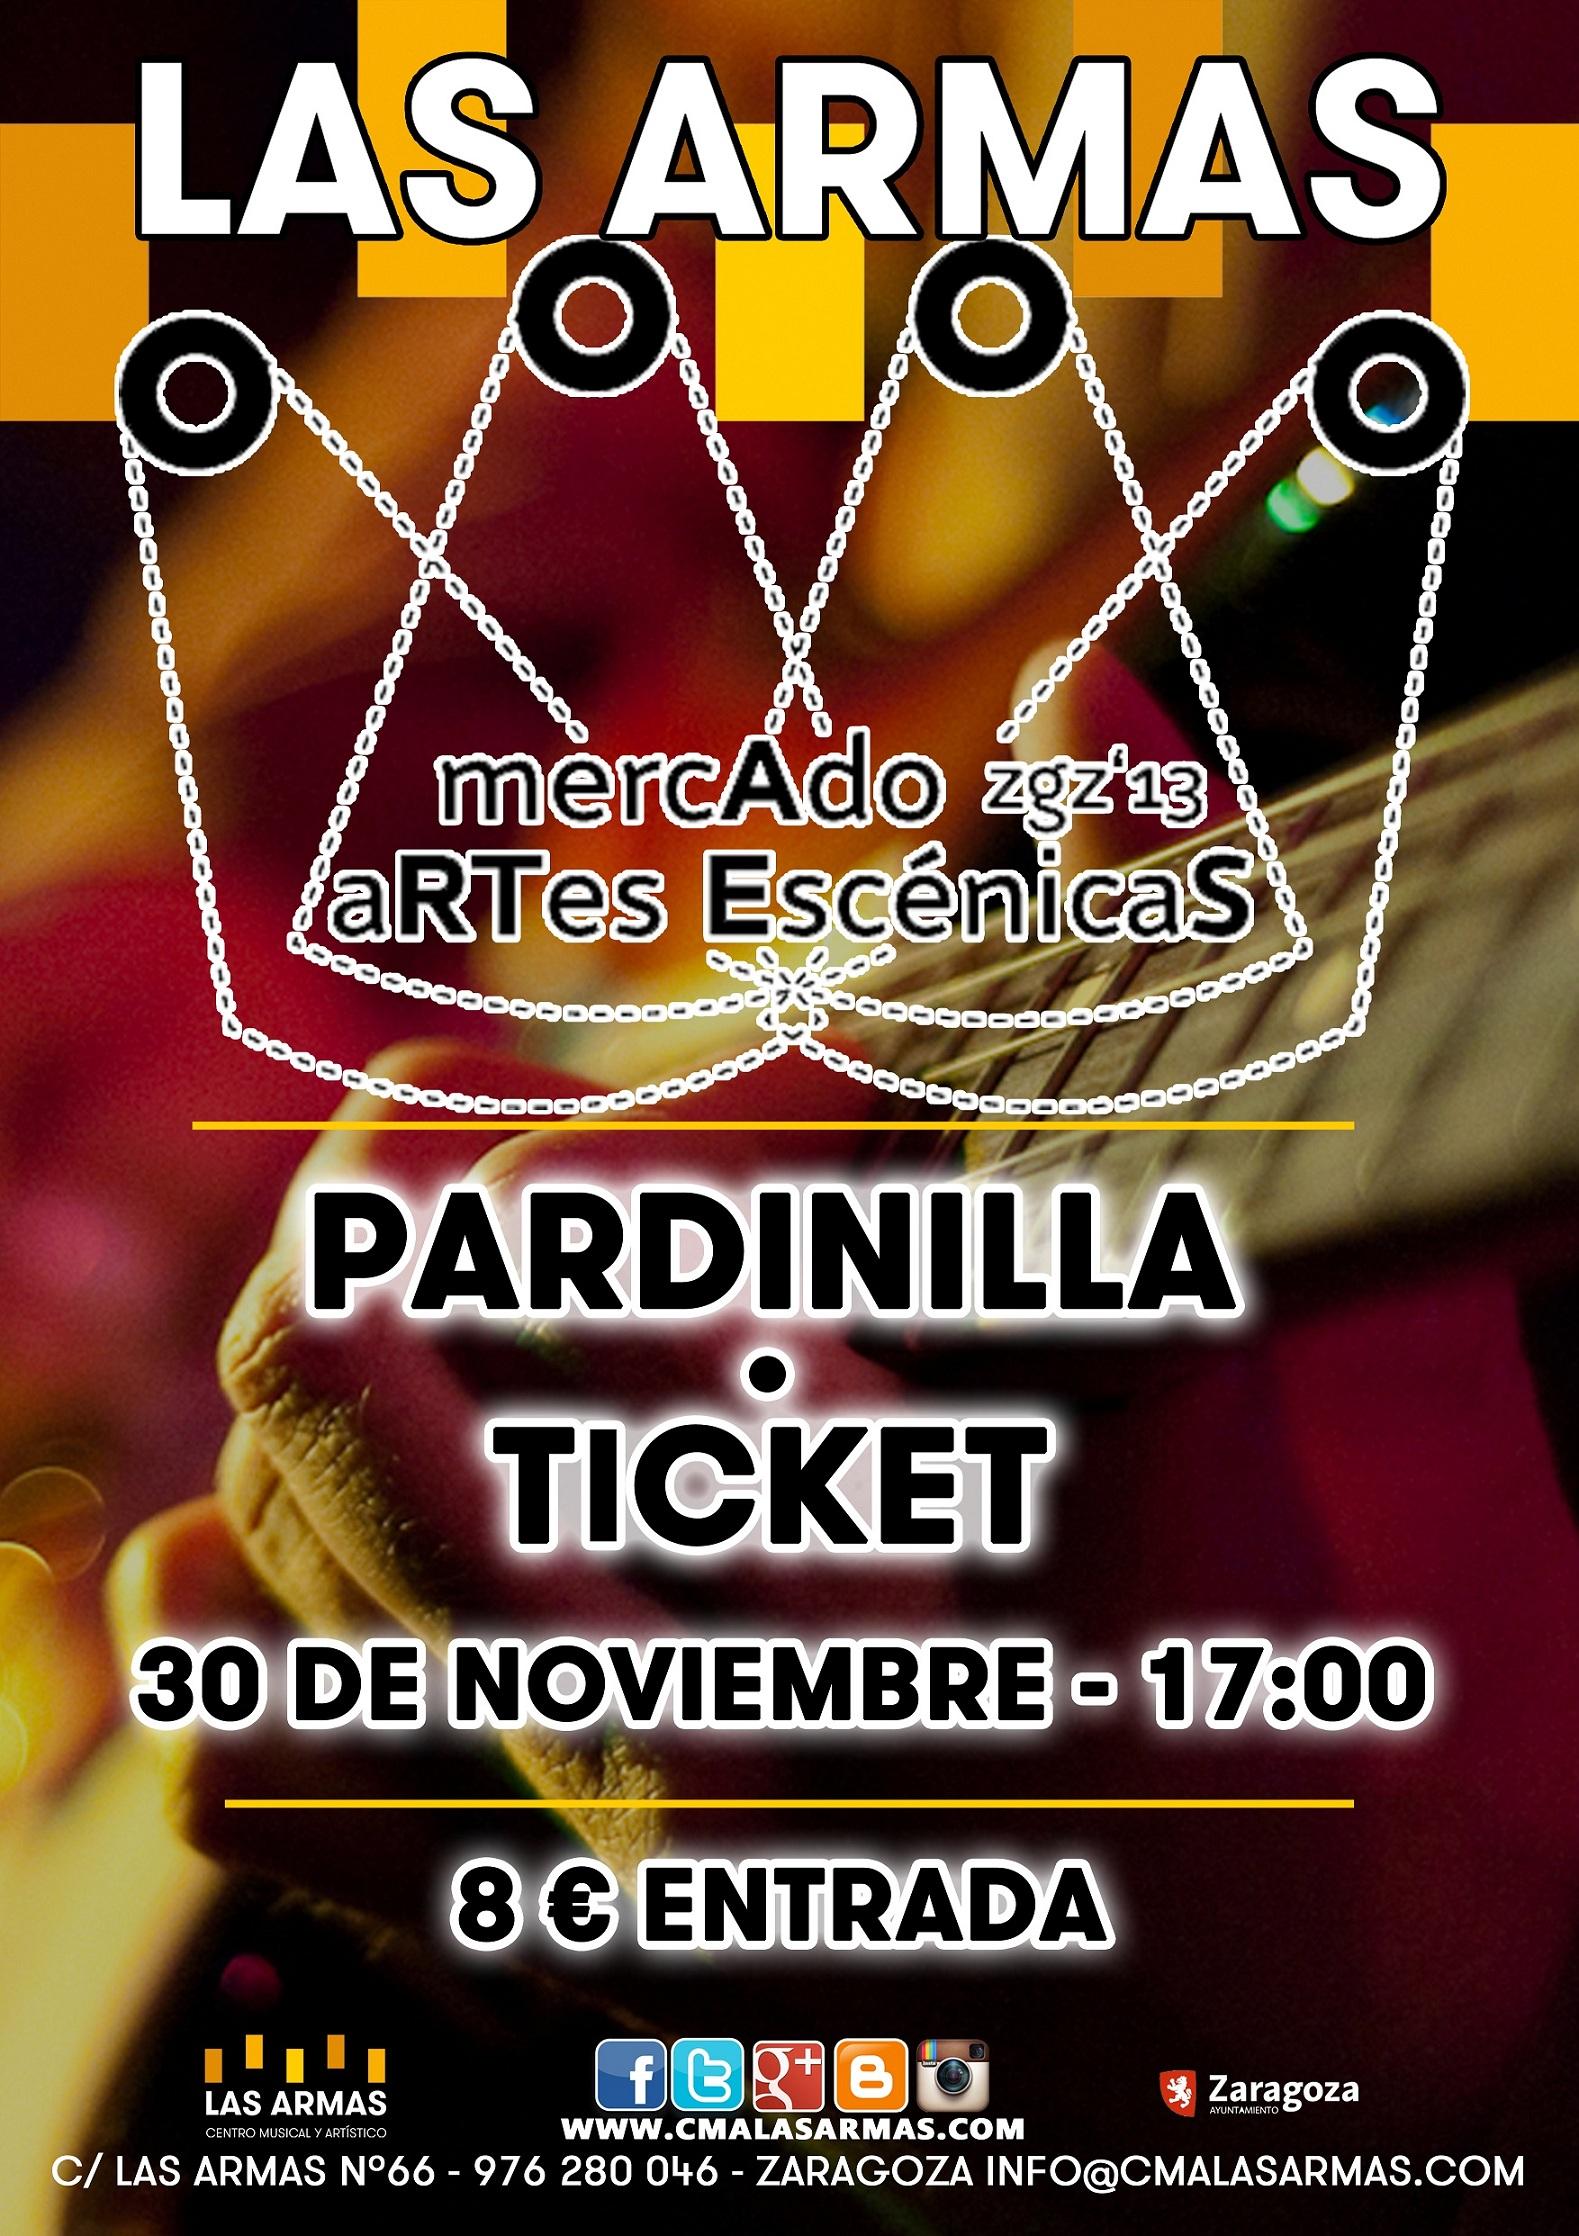 CARTEL PARDINILLA + TICKET zgz conciertos